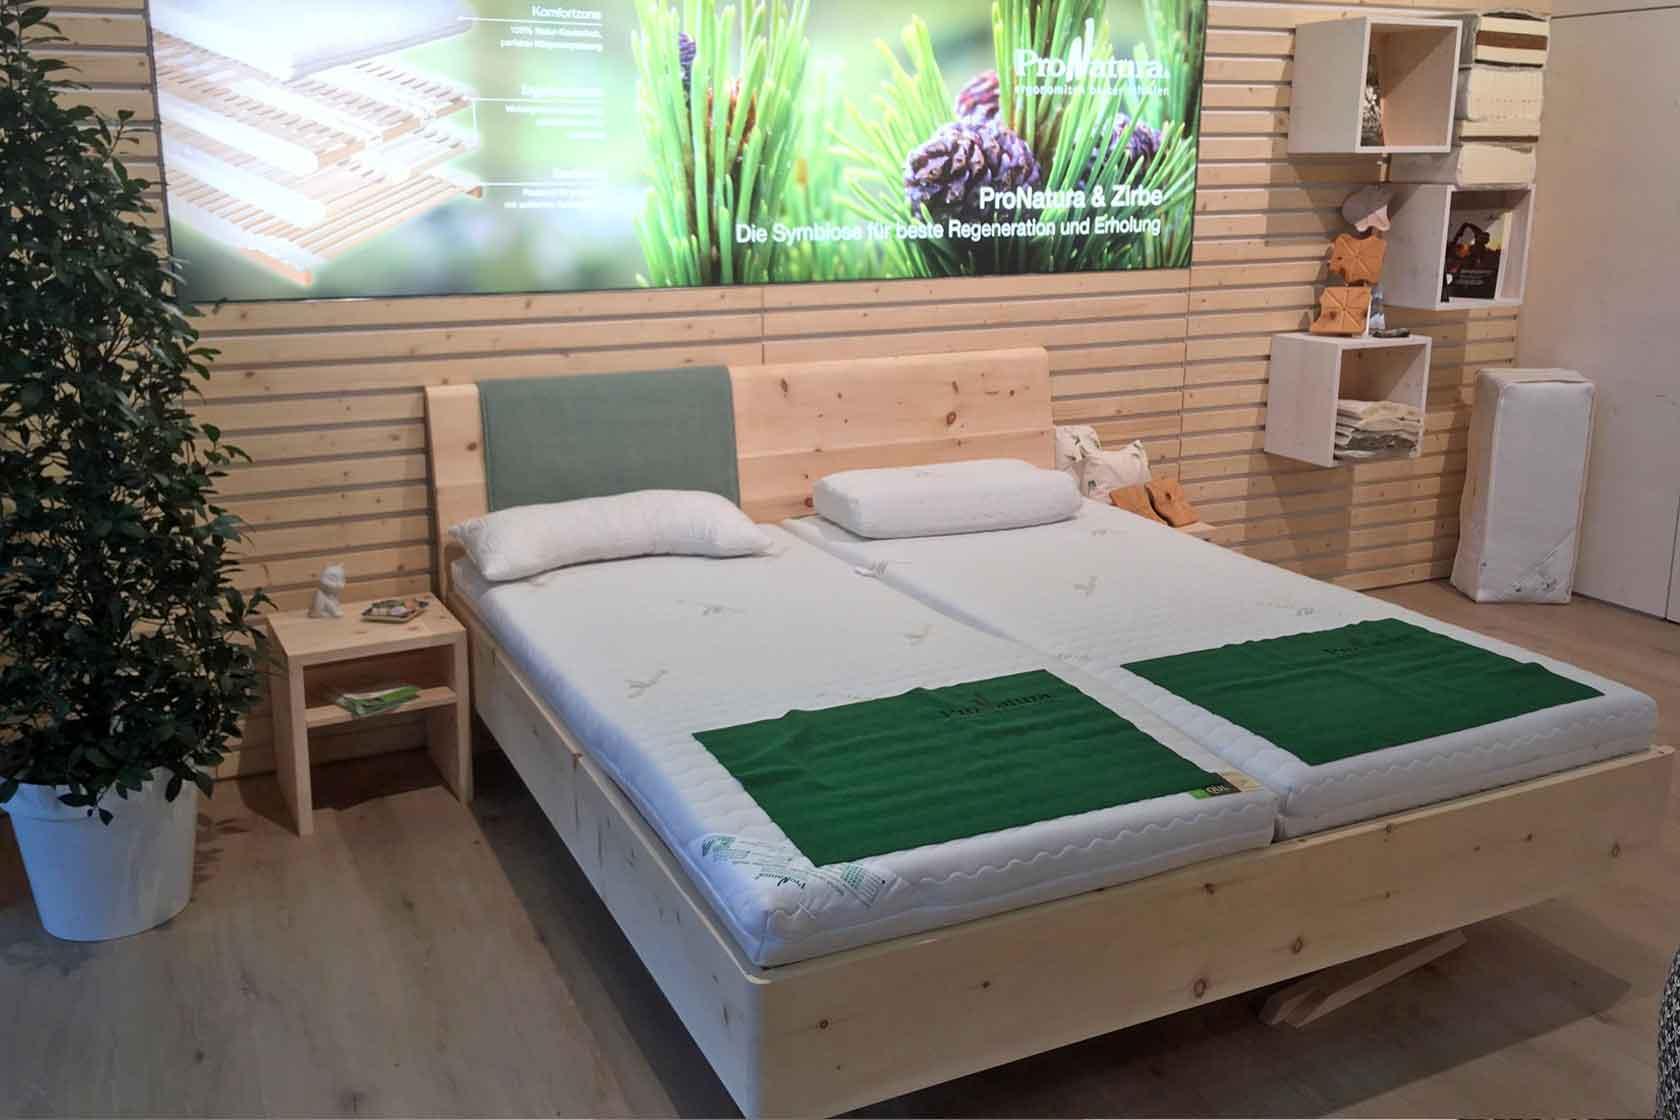 Zirbenholzbett mit ProNatura Schlafsystemen am Messestand auf der Möbelmesse 2020 in Köln